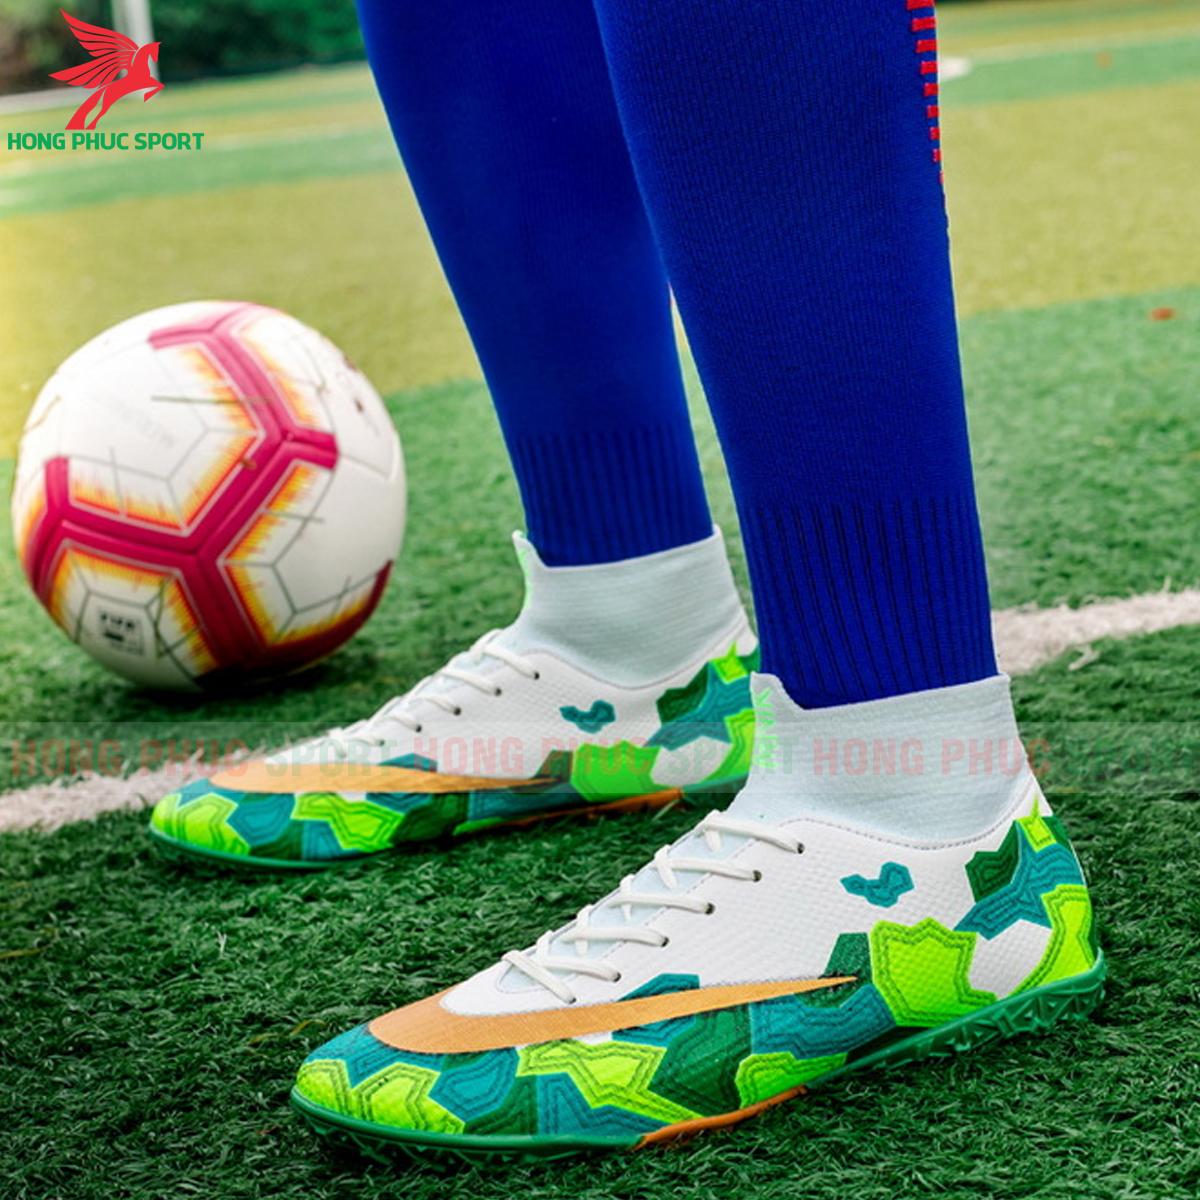 Giày đá banh Superfly VII Mbappe V2 2020 TF mẫu 2 màu xanh lá (2)